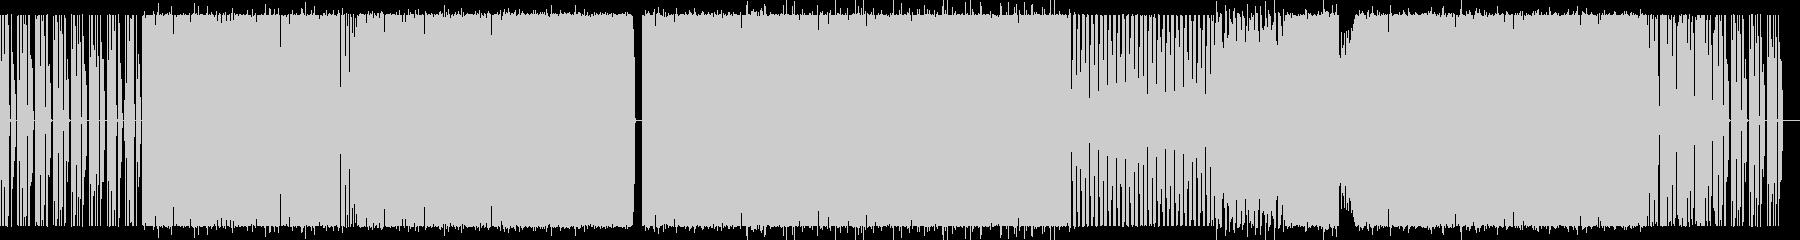 ダークなシンセとリズムのエレクトロ楽曲の未再生の波形